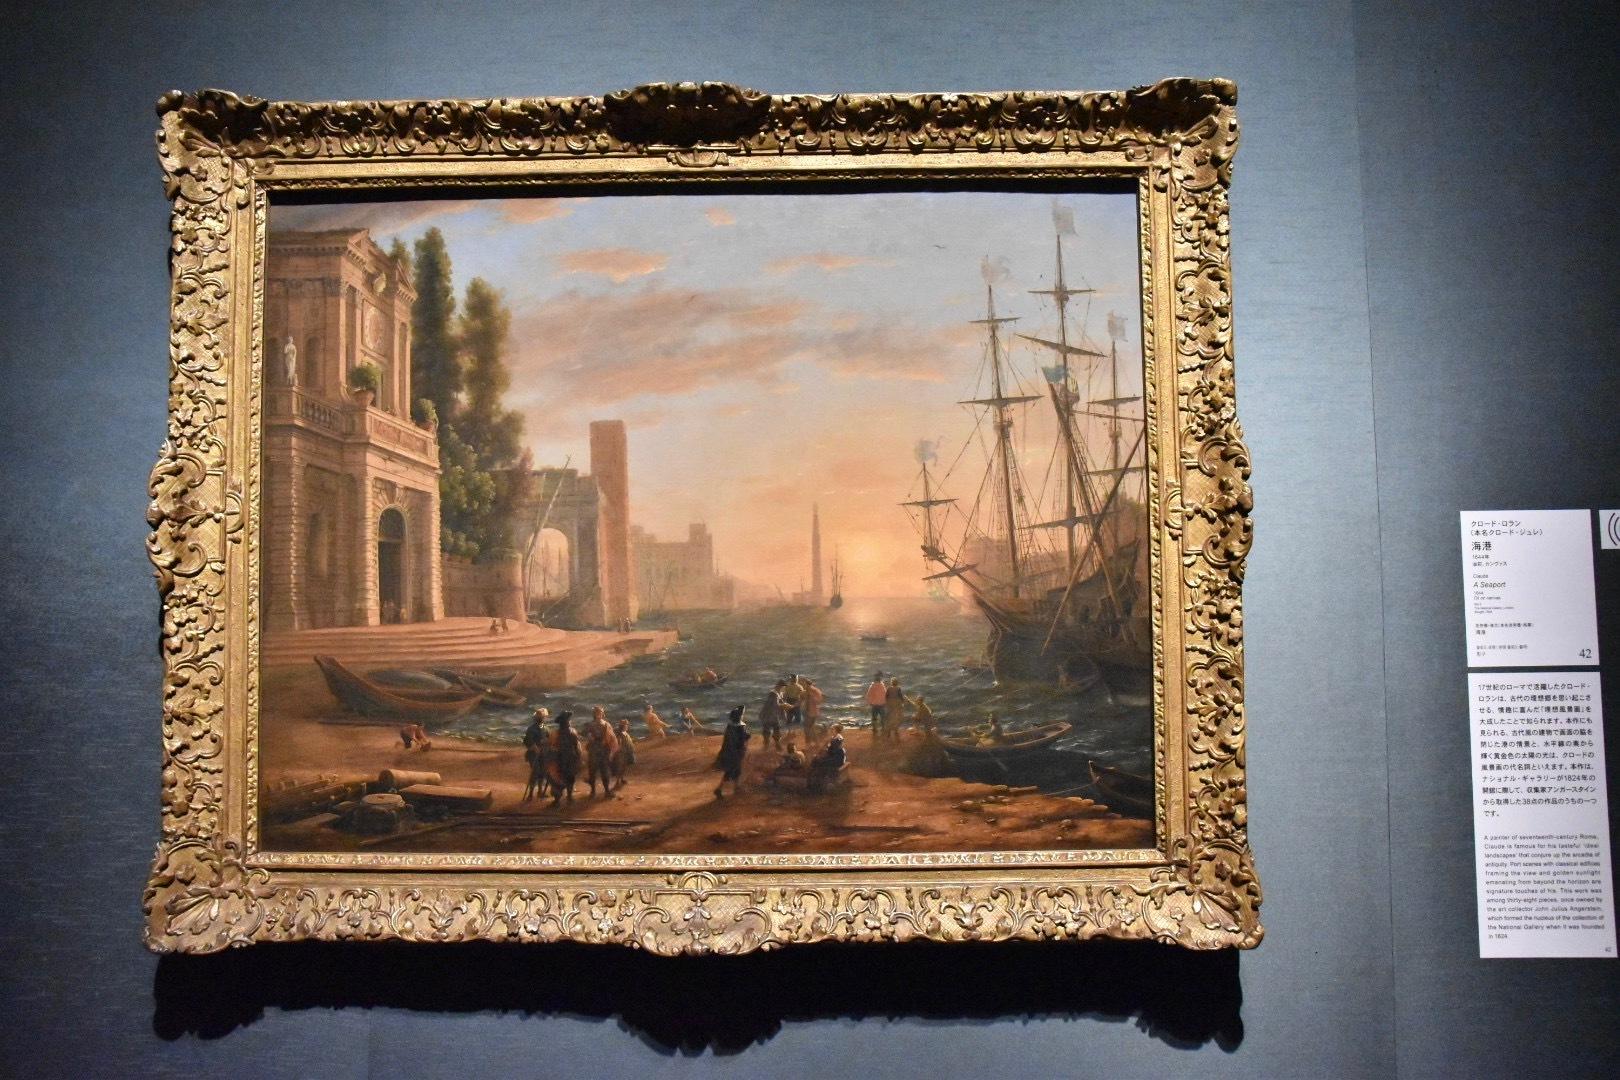 クロード・ロラン(本名クロード・ジュレ)《海港》1644年